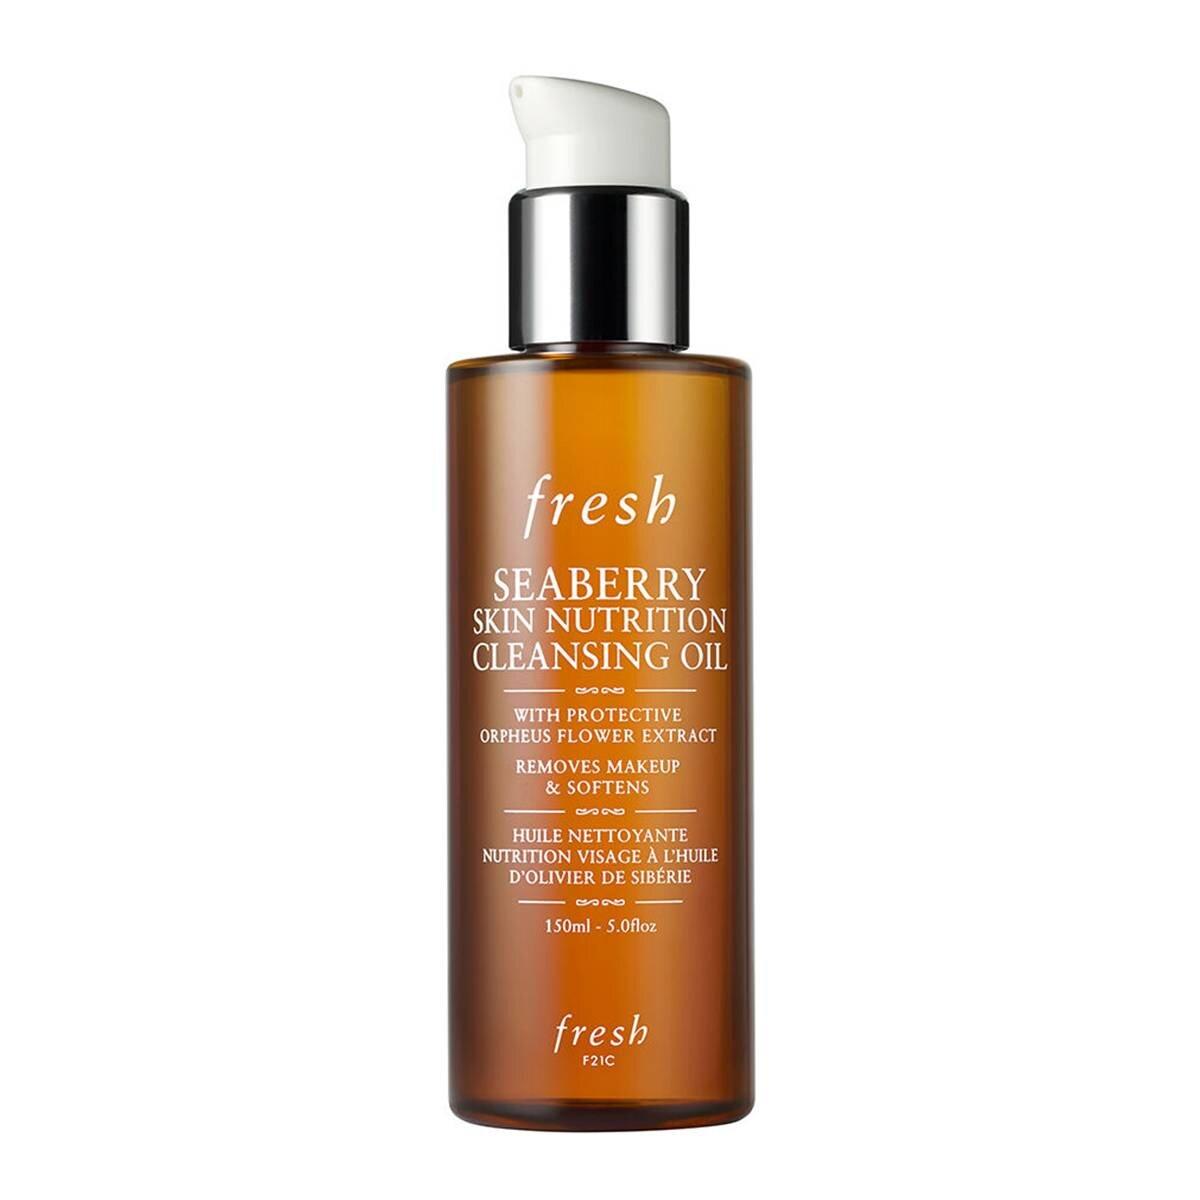 cleansing-oils-for-oily-skin-285927-1583530689936-main.1200x0c.jpg